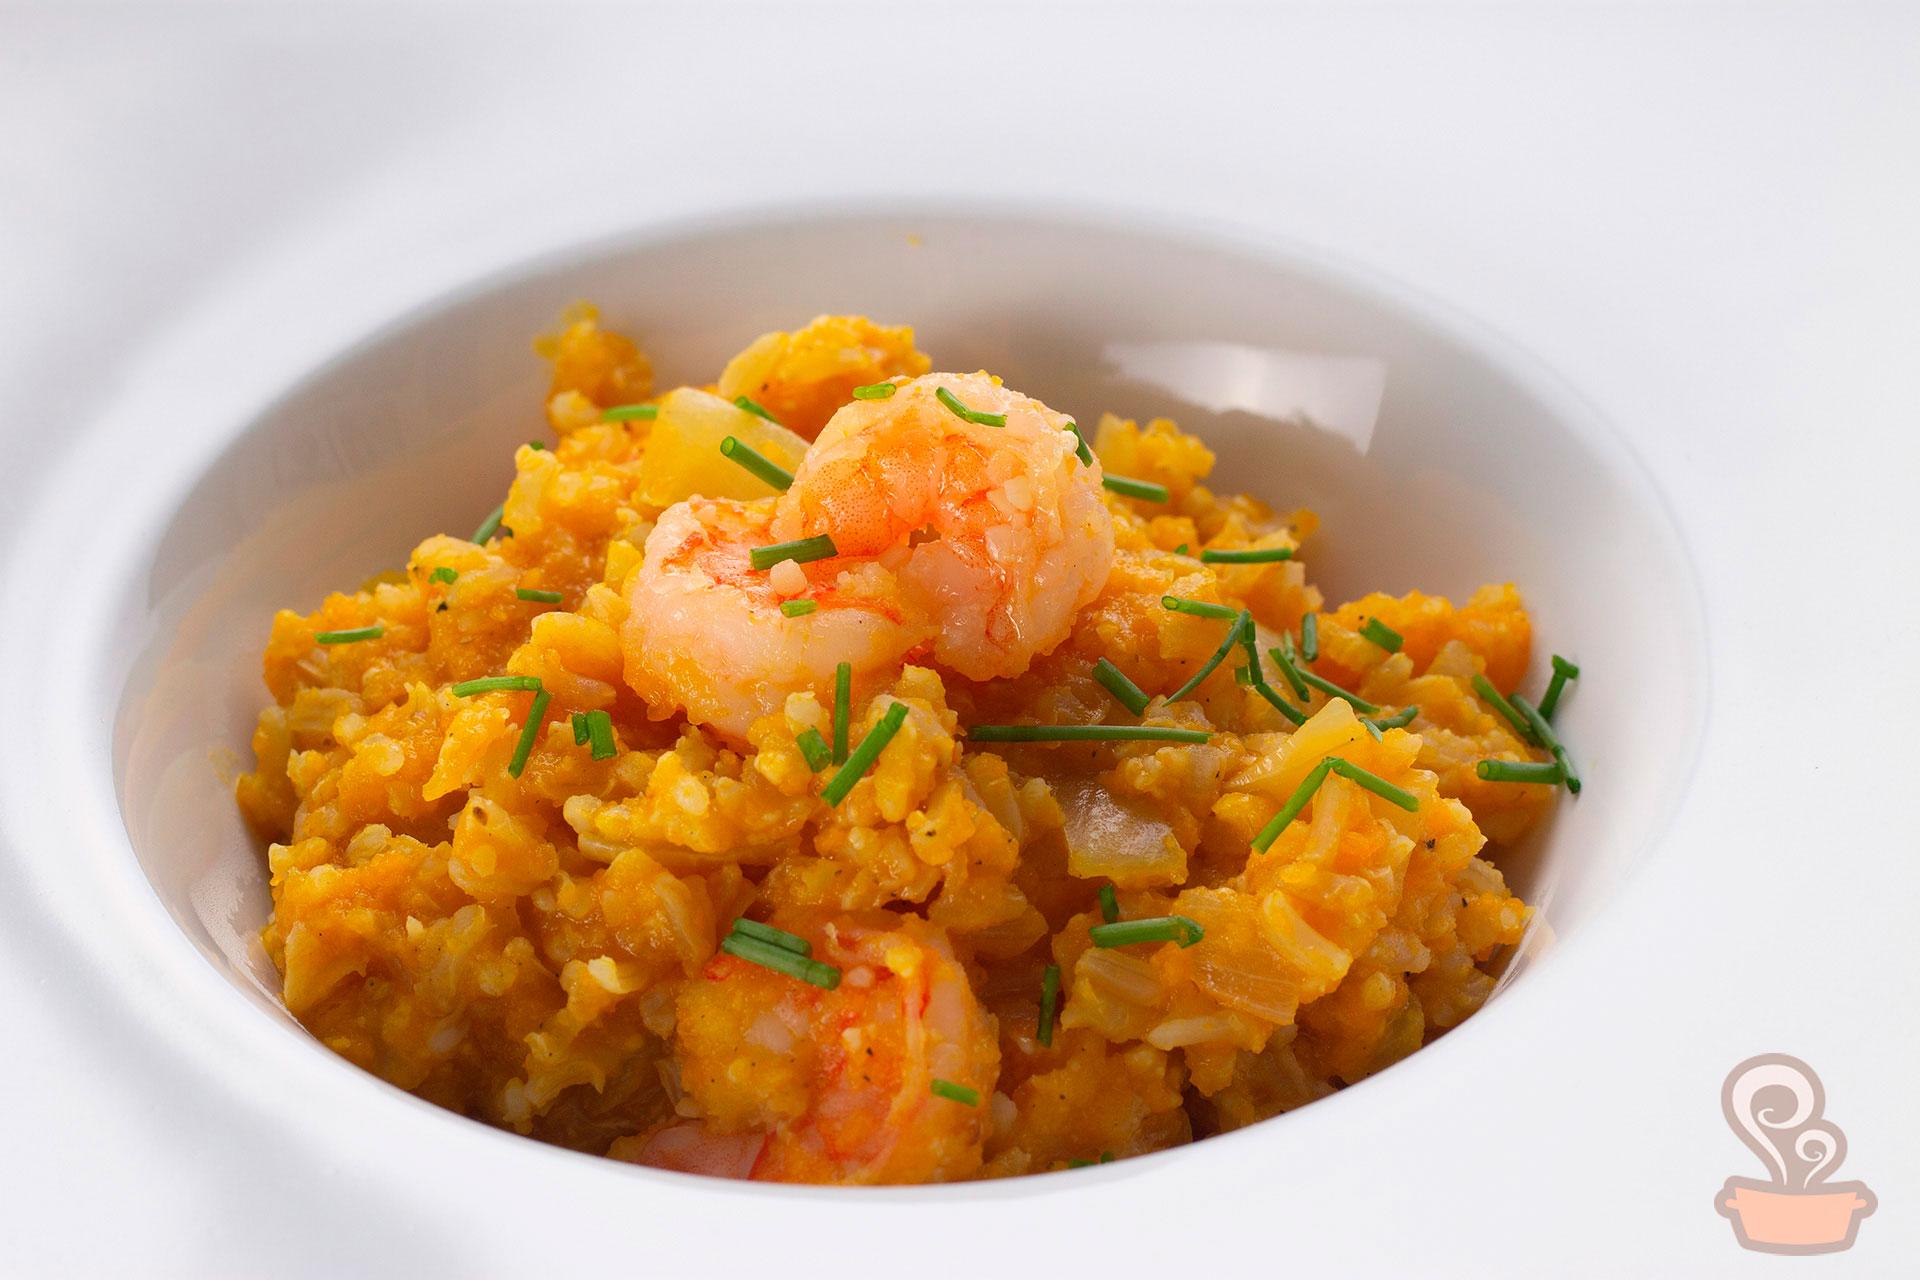 Imagem: Os tradicionais que nos perdoem, mas esse risoto integral é super levinho e saudável e não leva arroz arbóreo! Foto: Na Minha Panela.